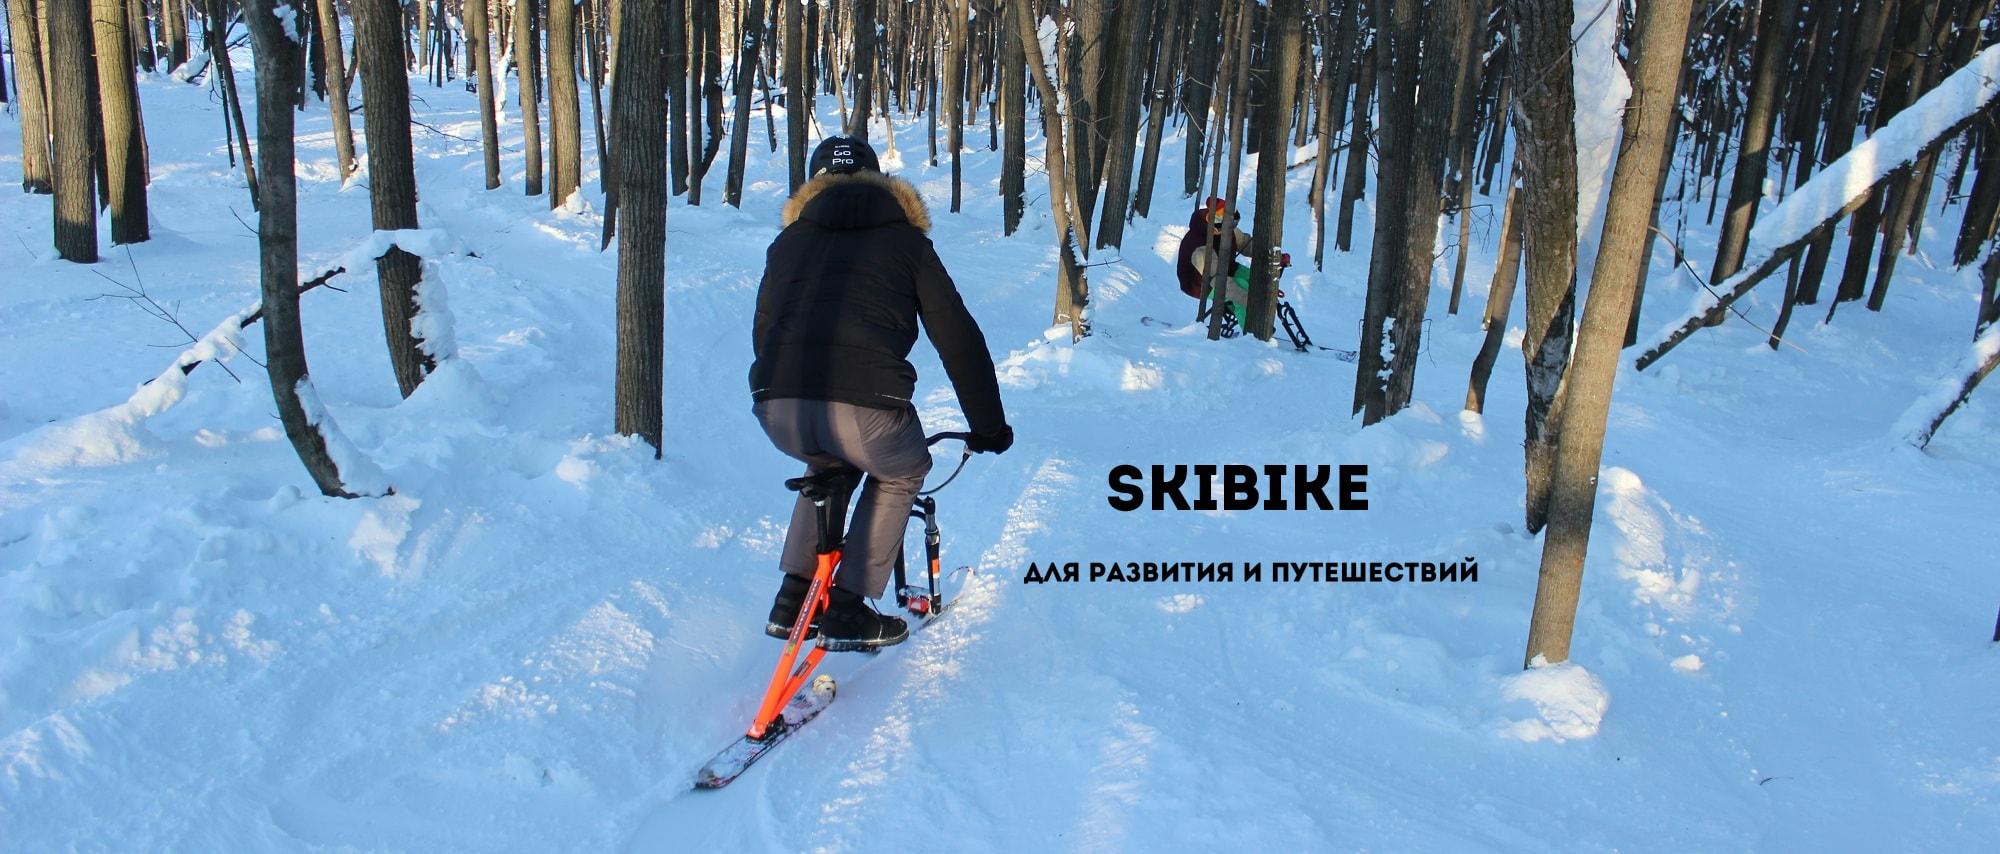 Skibike_2-min